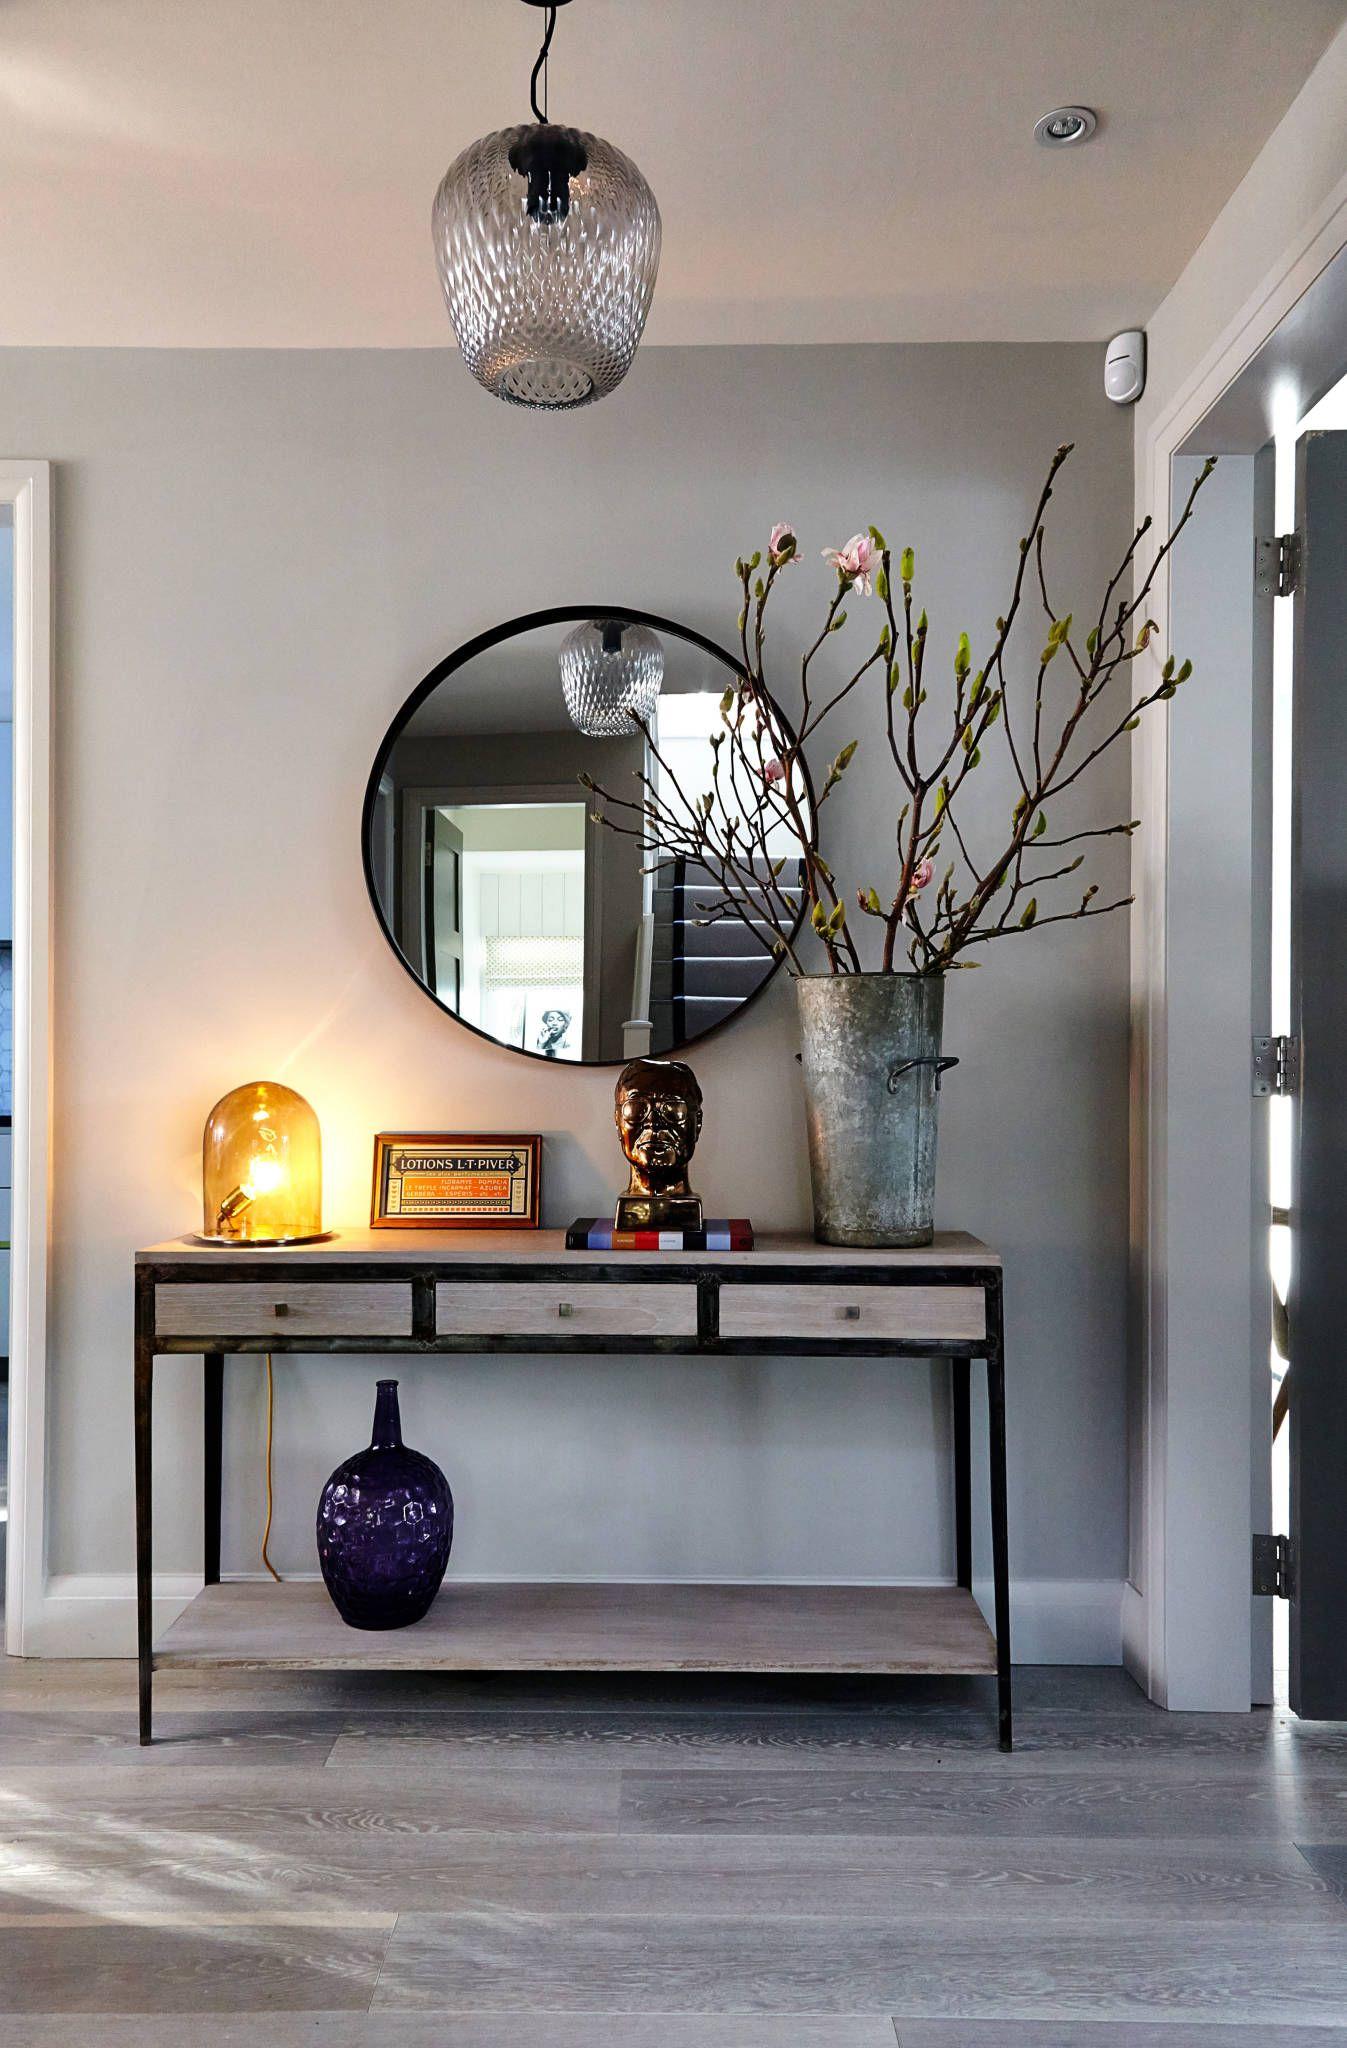 Elegantes wohndesign ideas imágenes y decoración de hogares  hallway console table